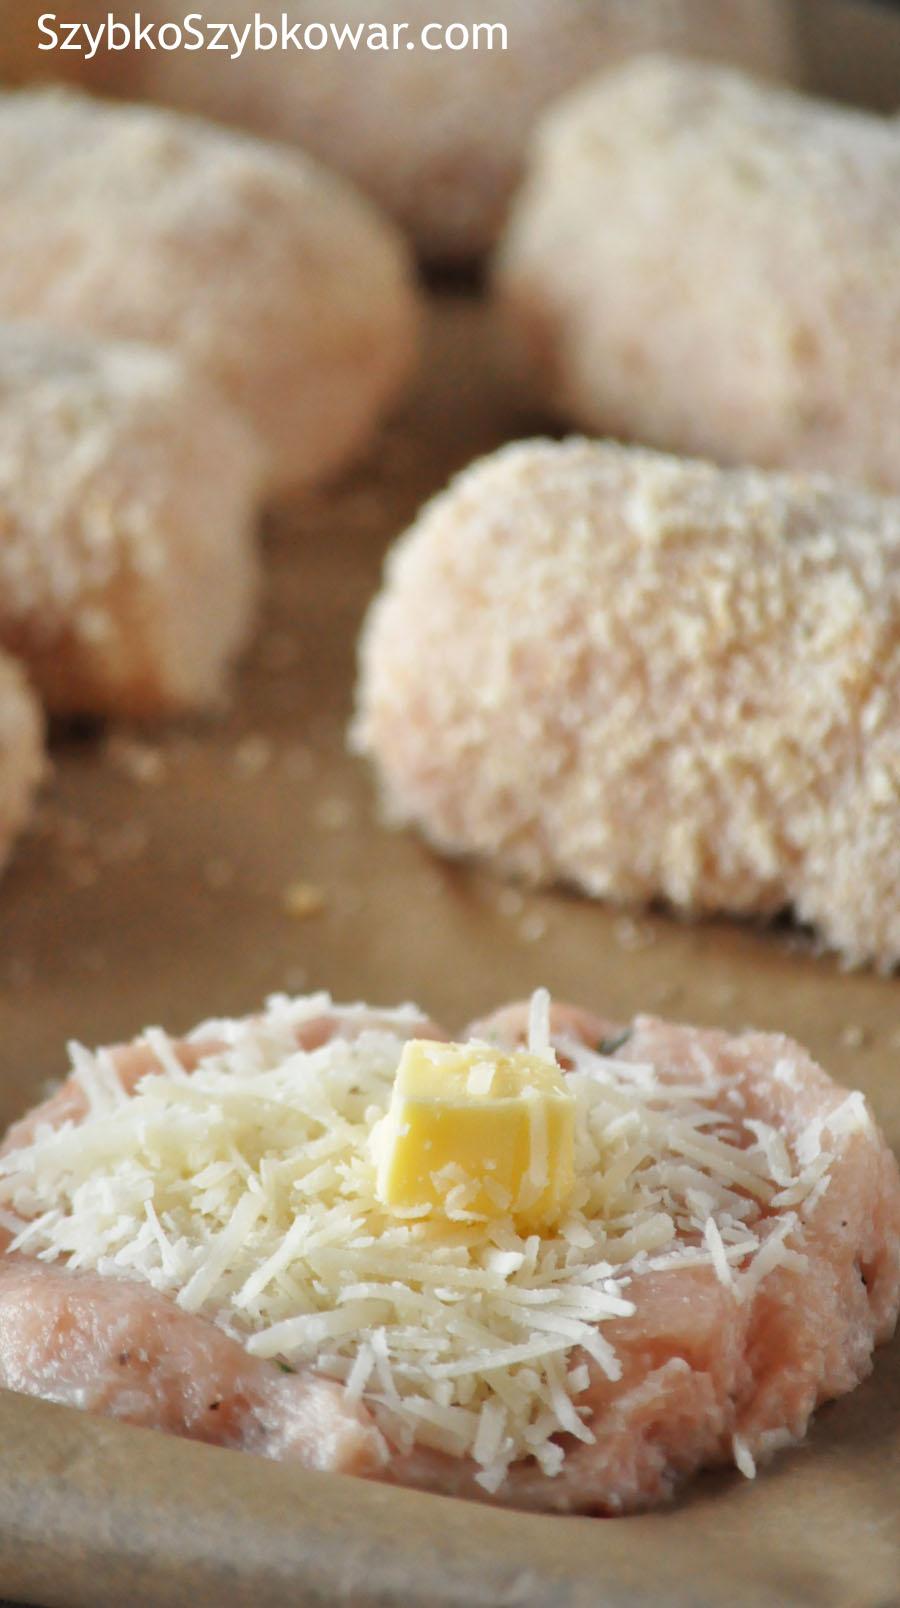 Farsz na kotleciku drobiowym: starty parmezan i kosteczka masła.